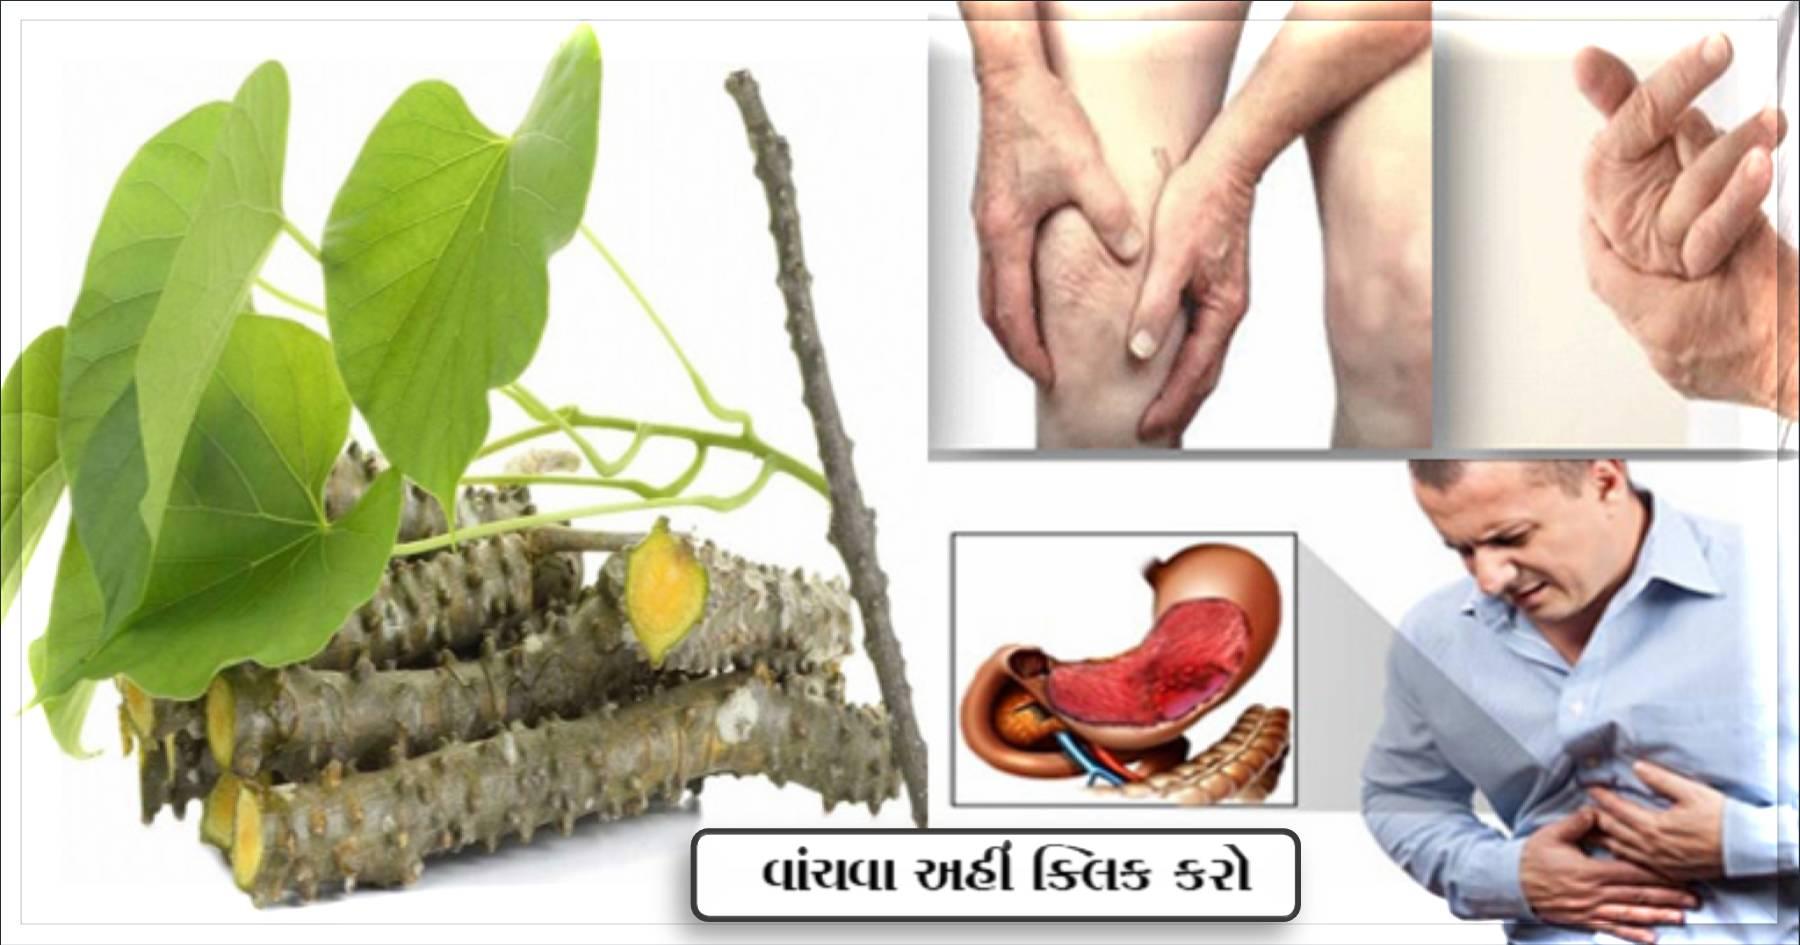 આ છોડ માં ઘણા રોગો ને જડમૂળ થી કરે છે દુર, તેના ફાયદા જાણીને તમે ચોંકી જશો…..